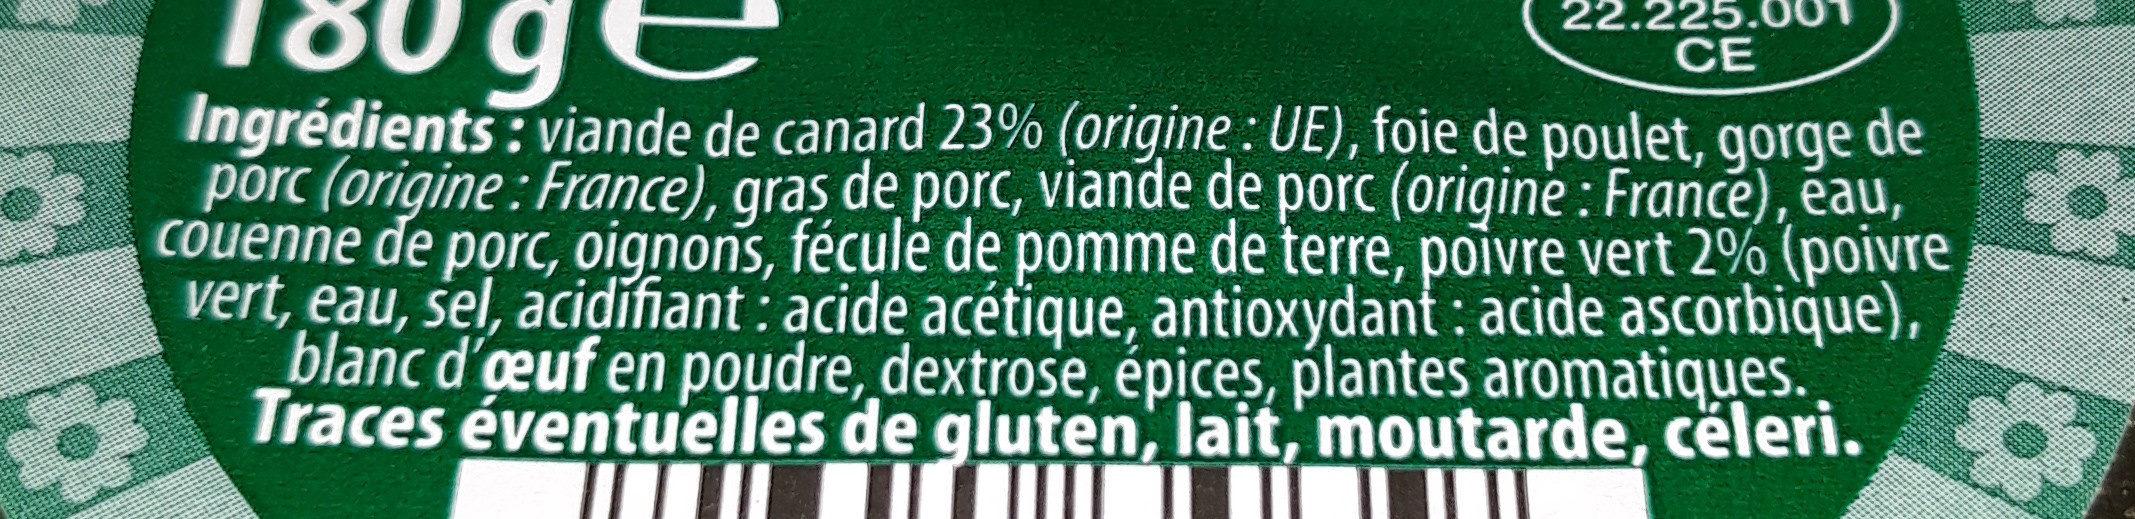 Terrine de cerf au cognac - Ingrédients - fr